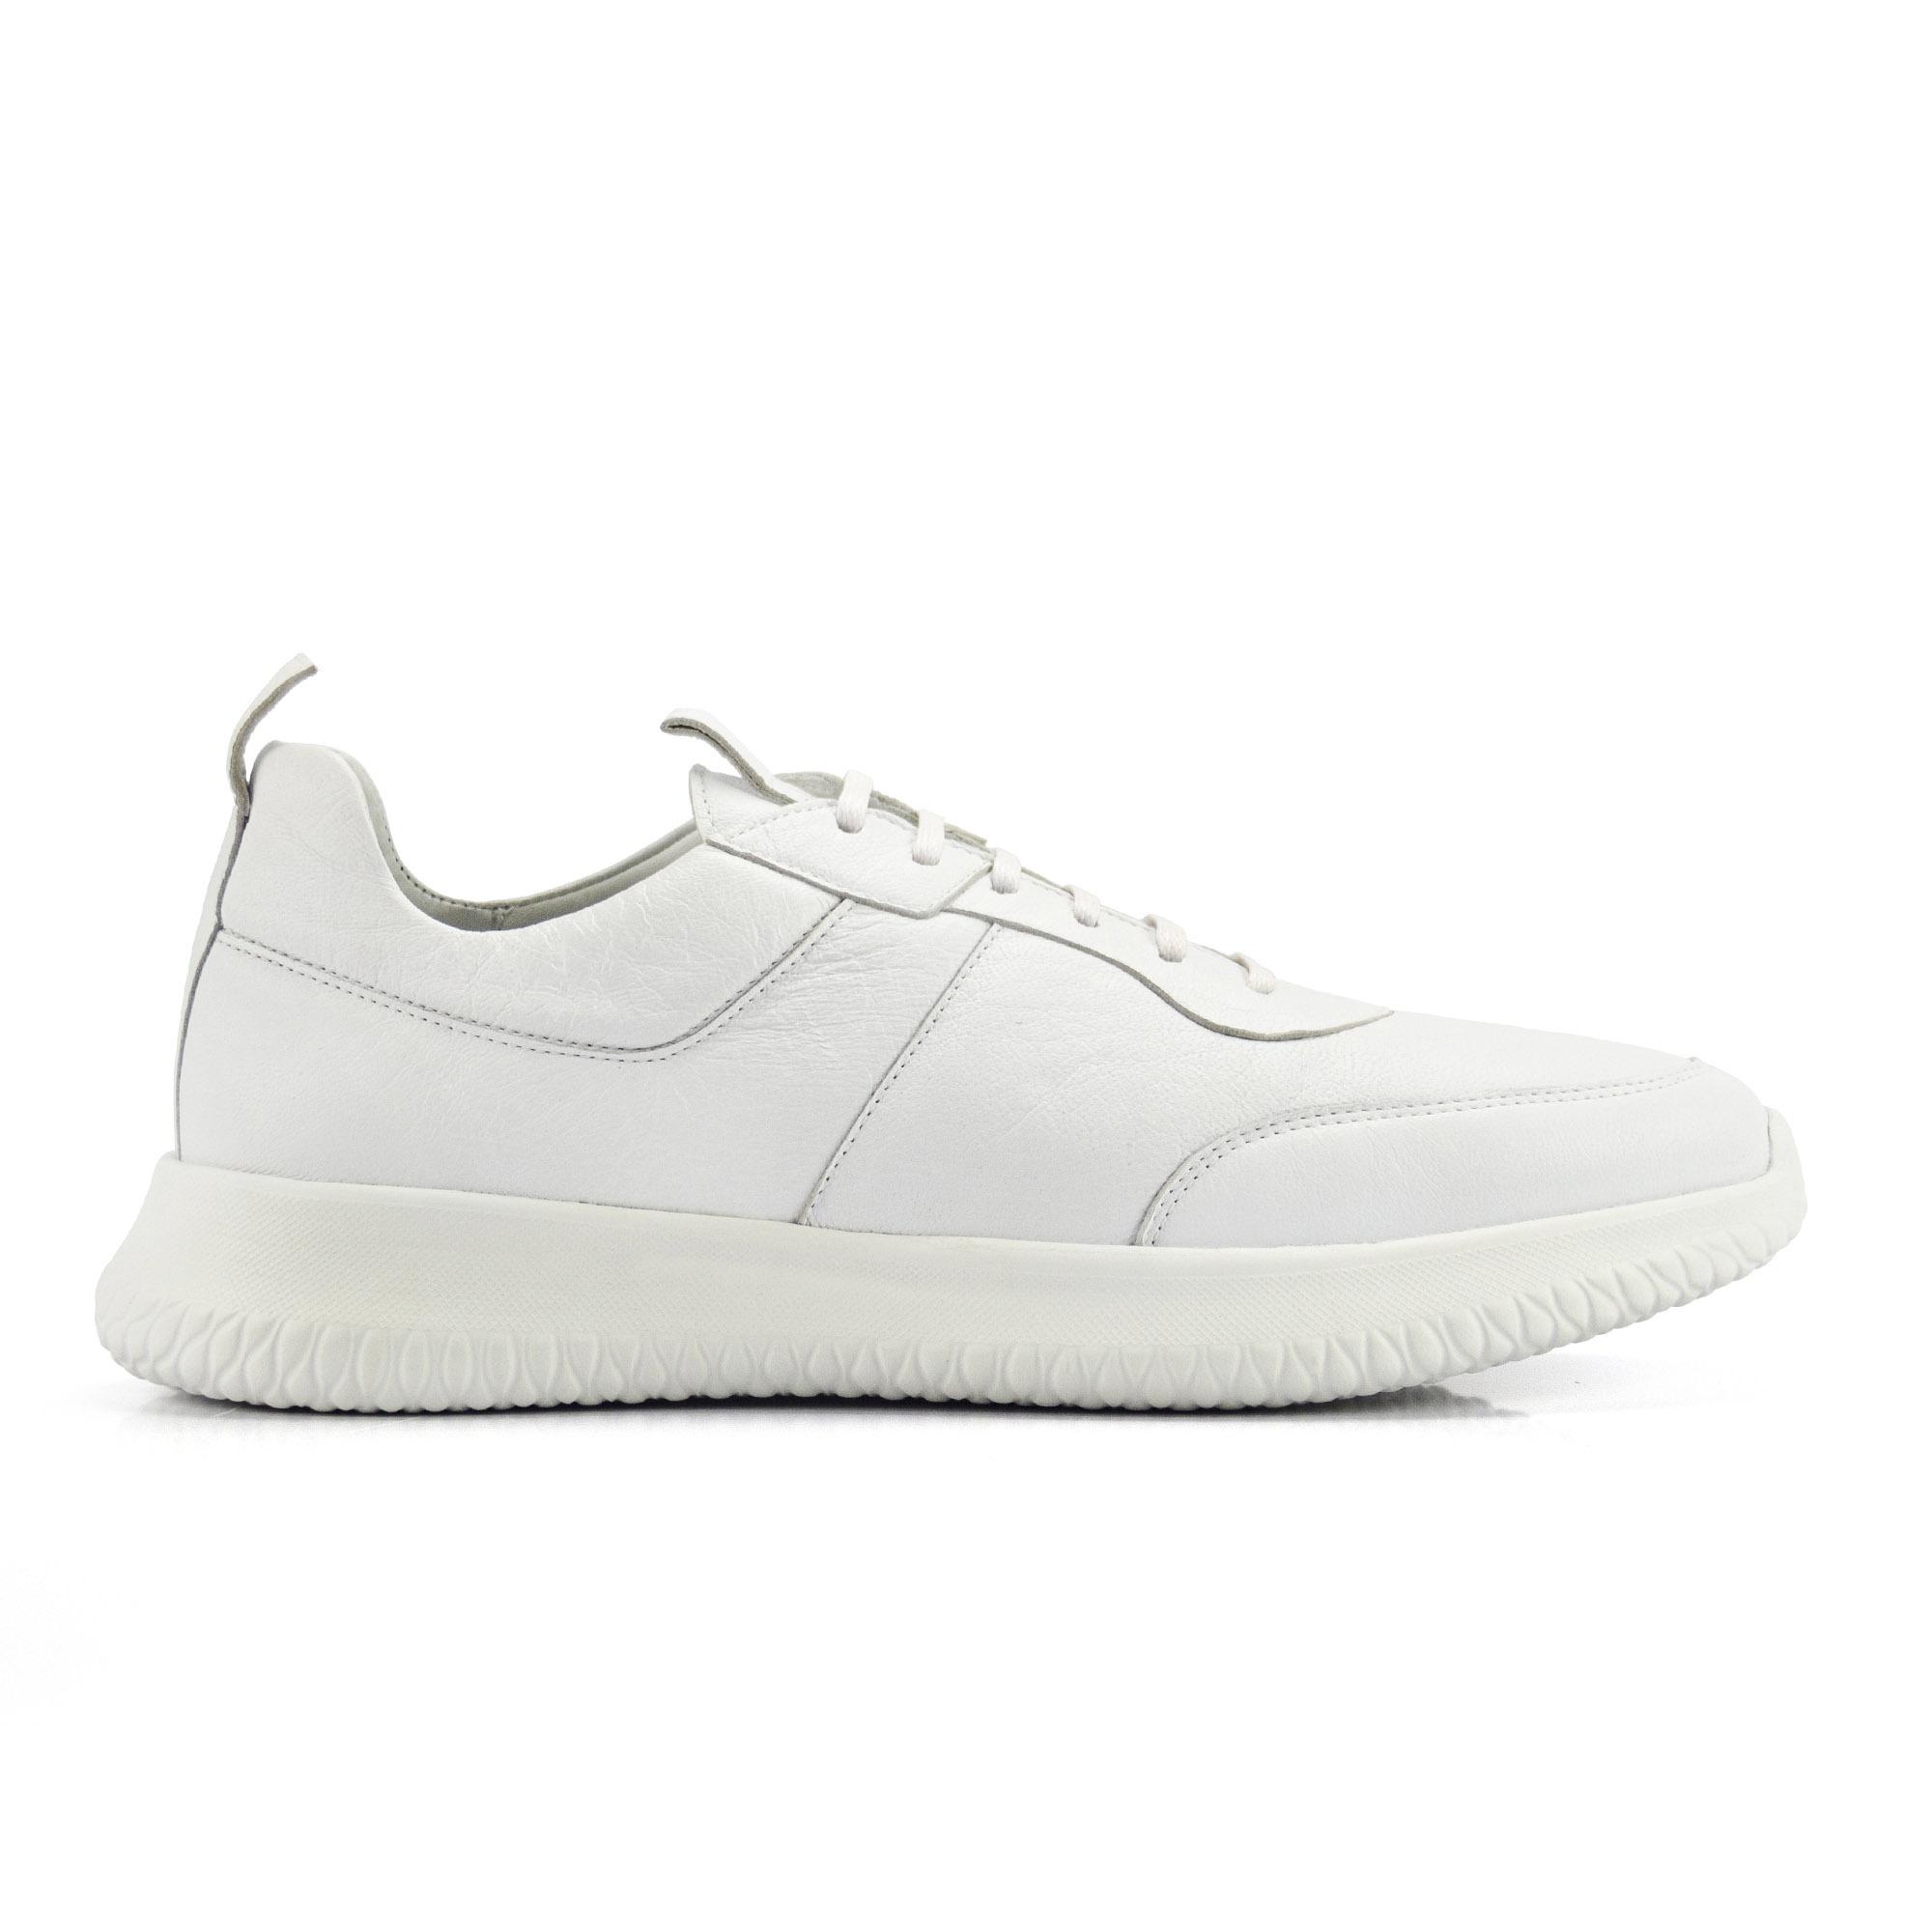 Sneaker Branco Masculino Casual